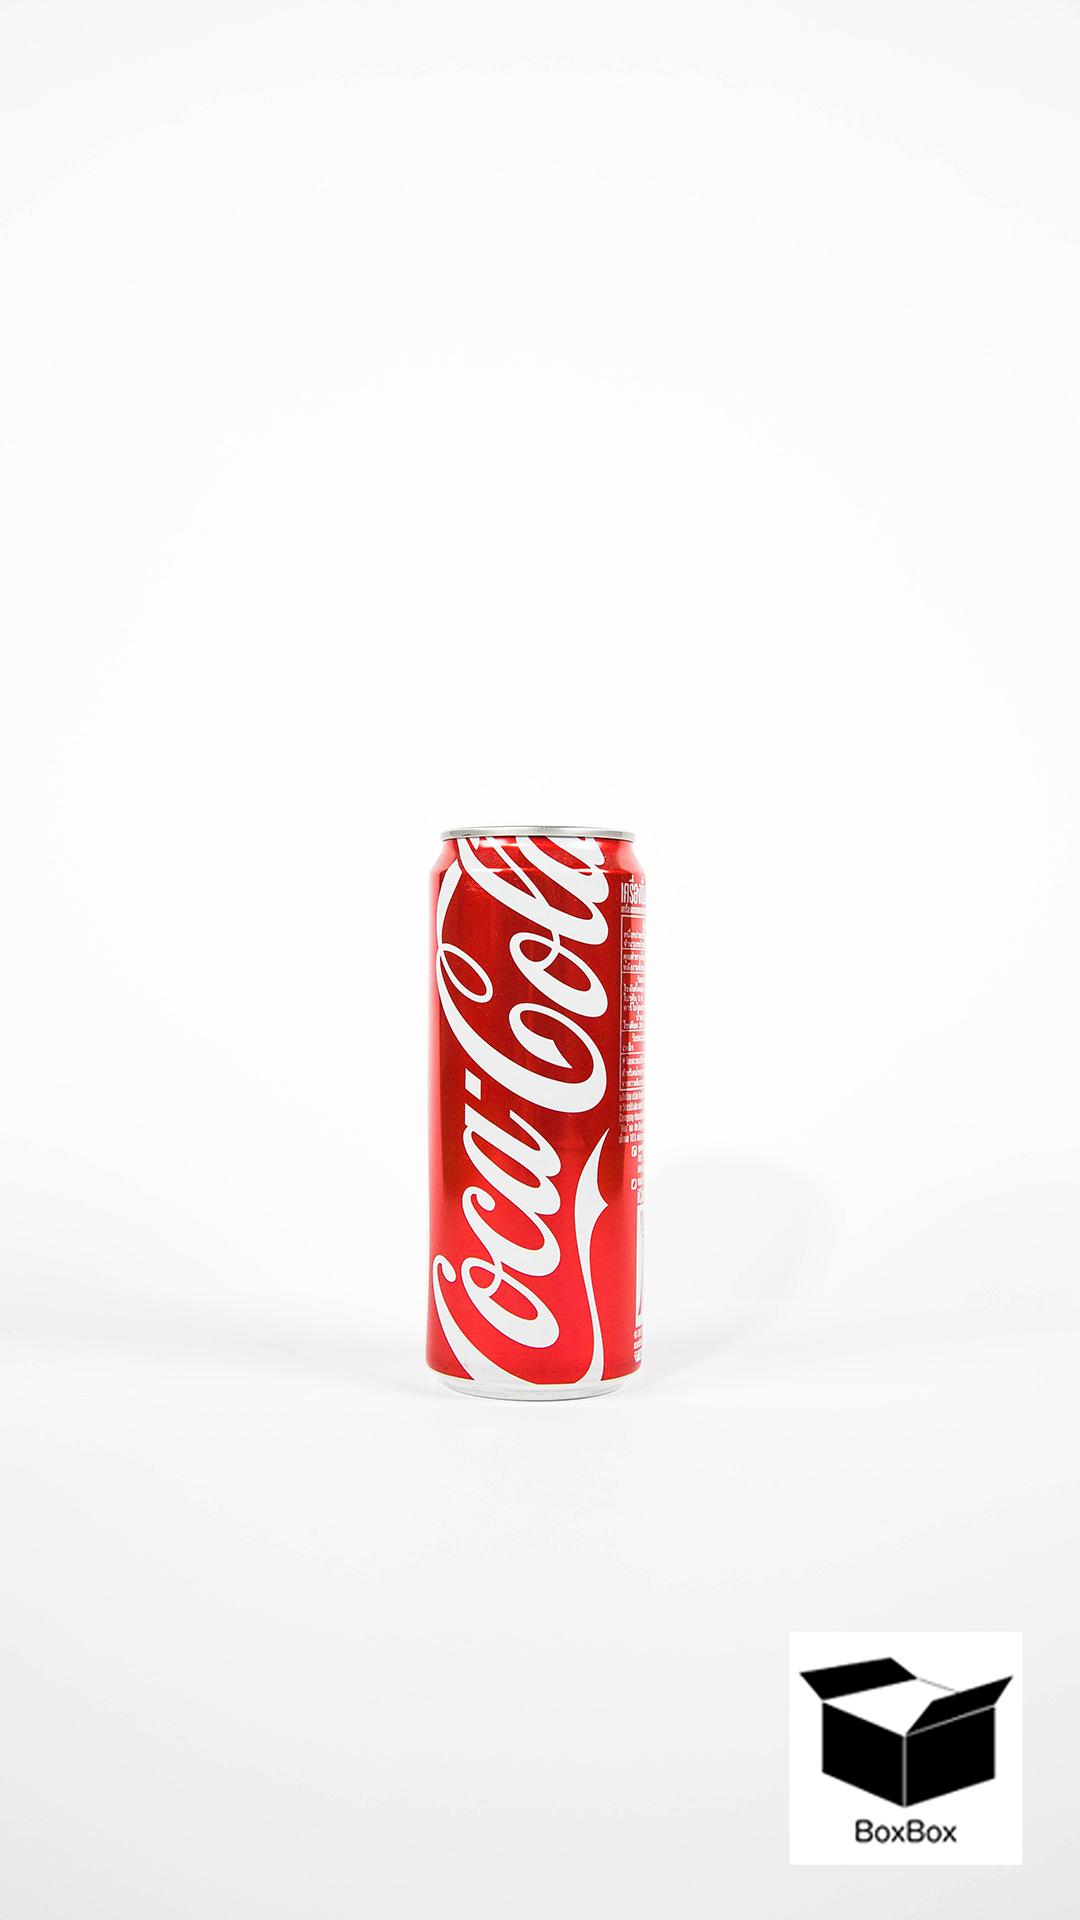 ۷ تا از عجیب ترین کاربرد های نوشابه کوکاکولا